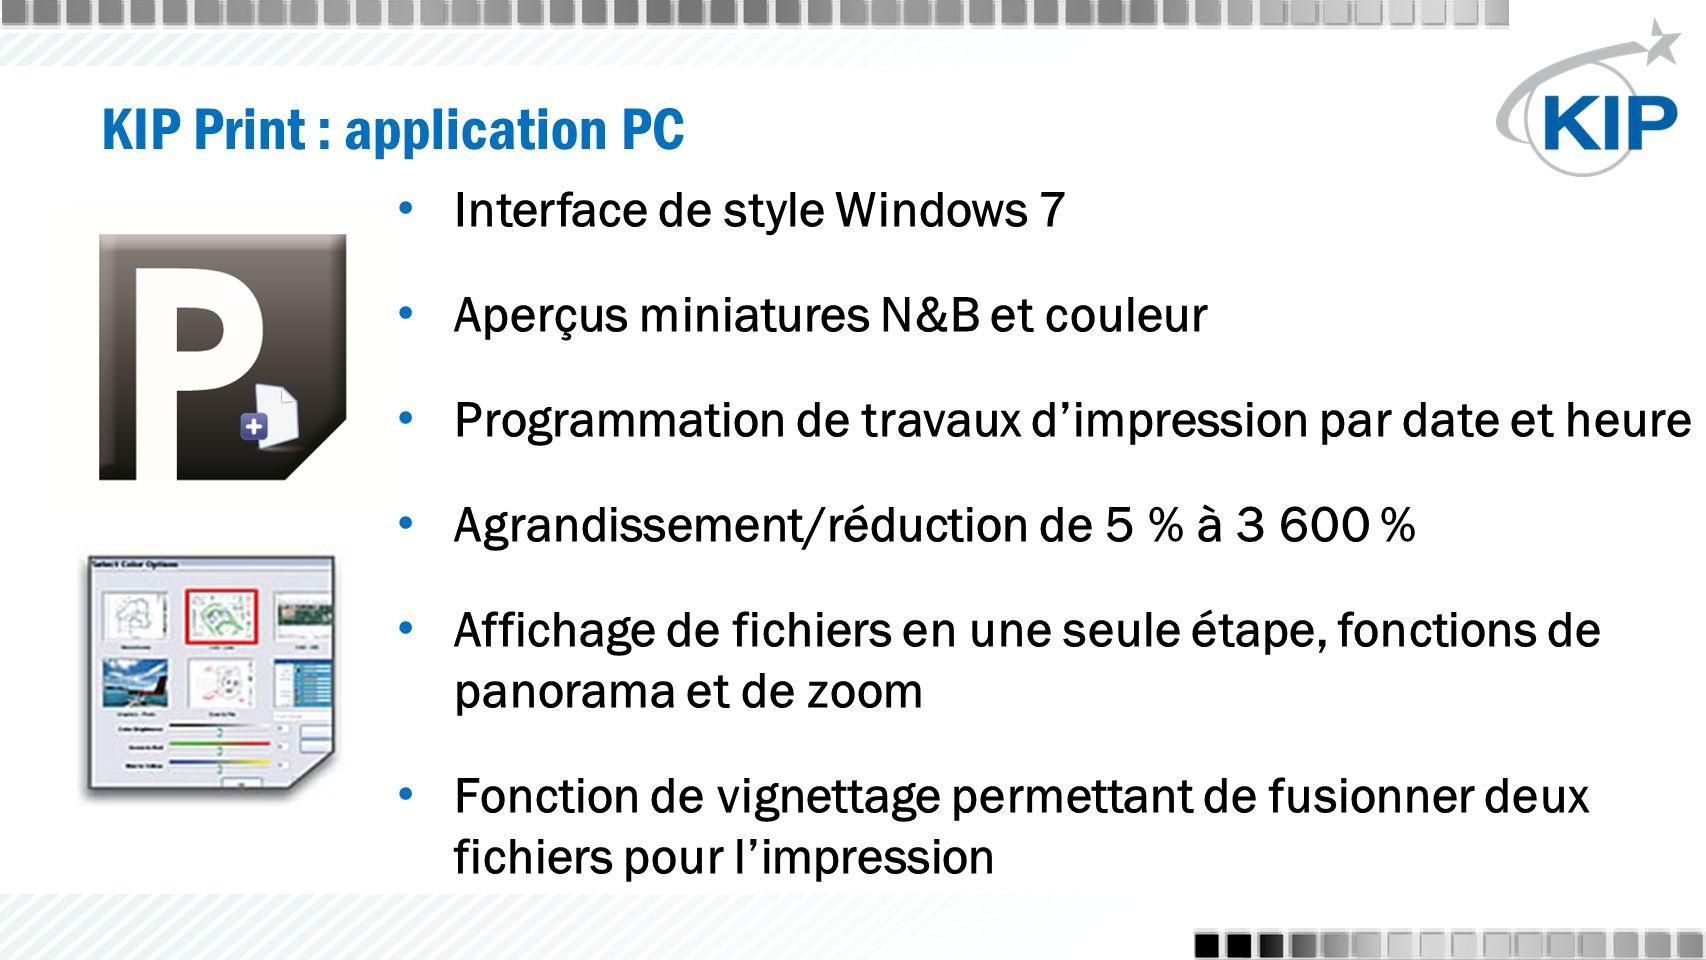 Interface de style Windows 7 Aperçus miniatures N&B et couleur Programmation de travaux d'impression par date et heure Agrandissement/réduction de 5 %